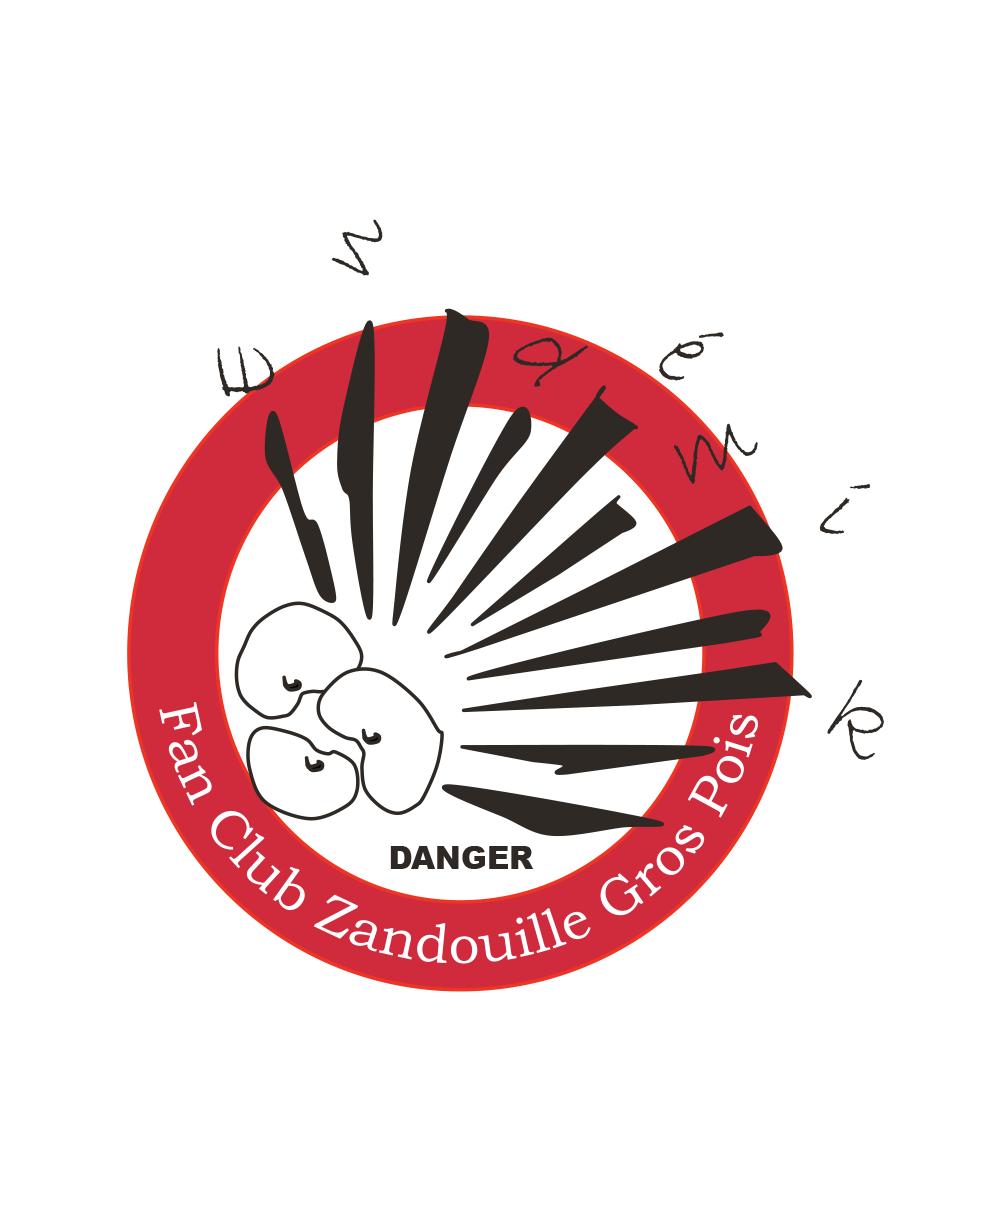 Fan Club Zandouilles Gros Pois